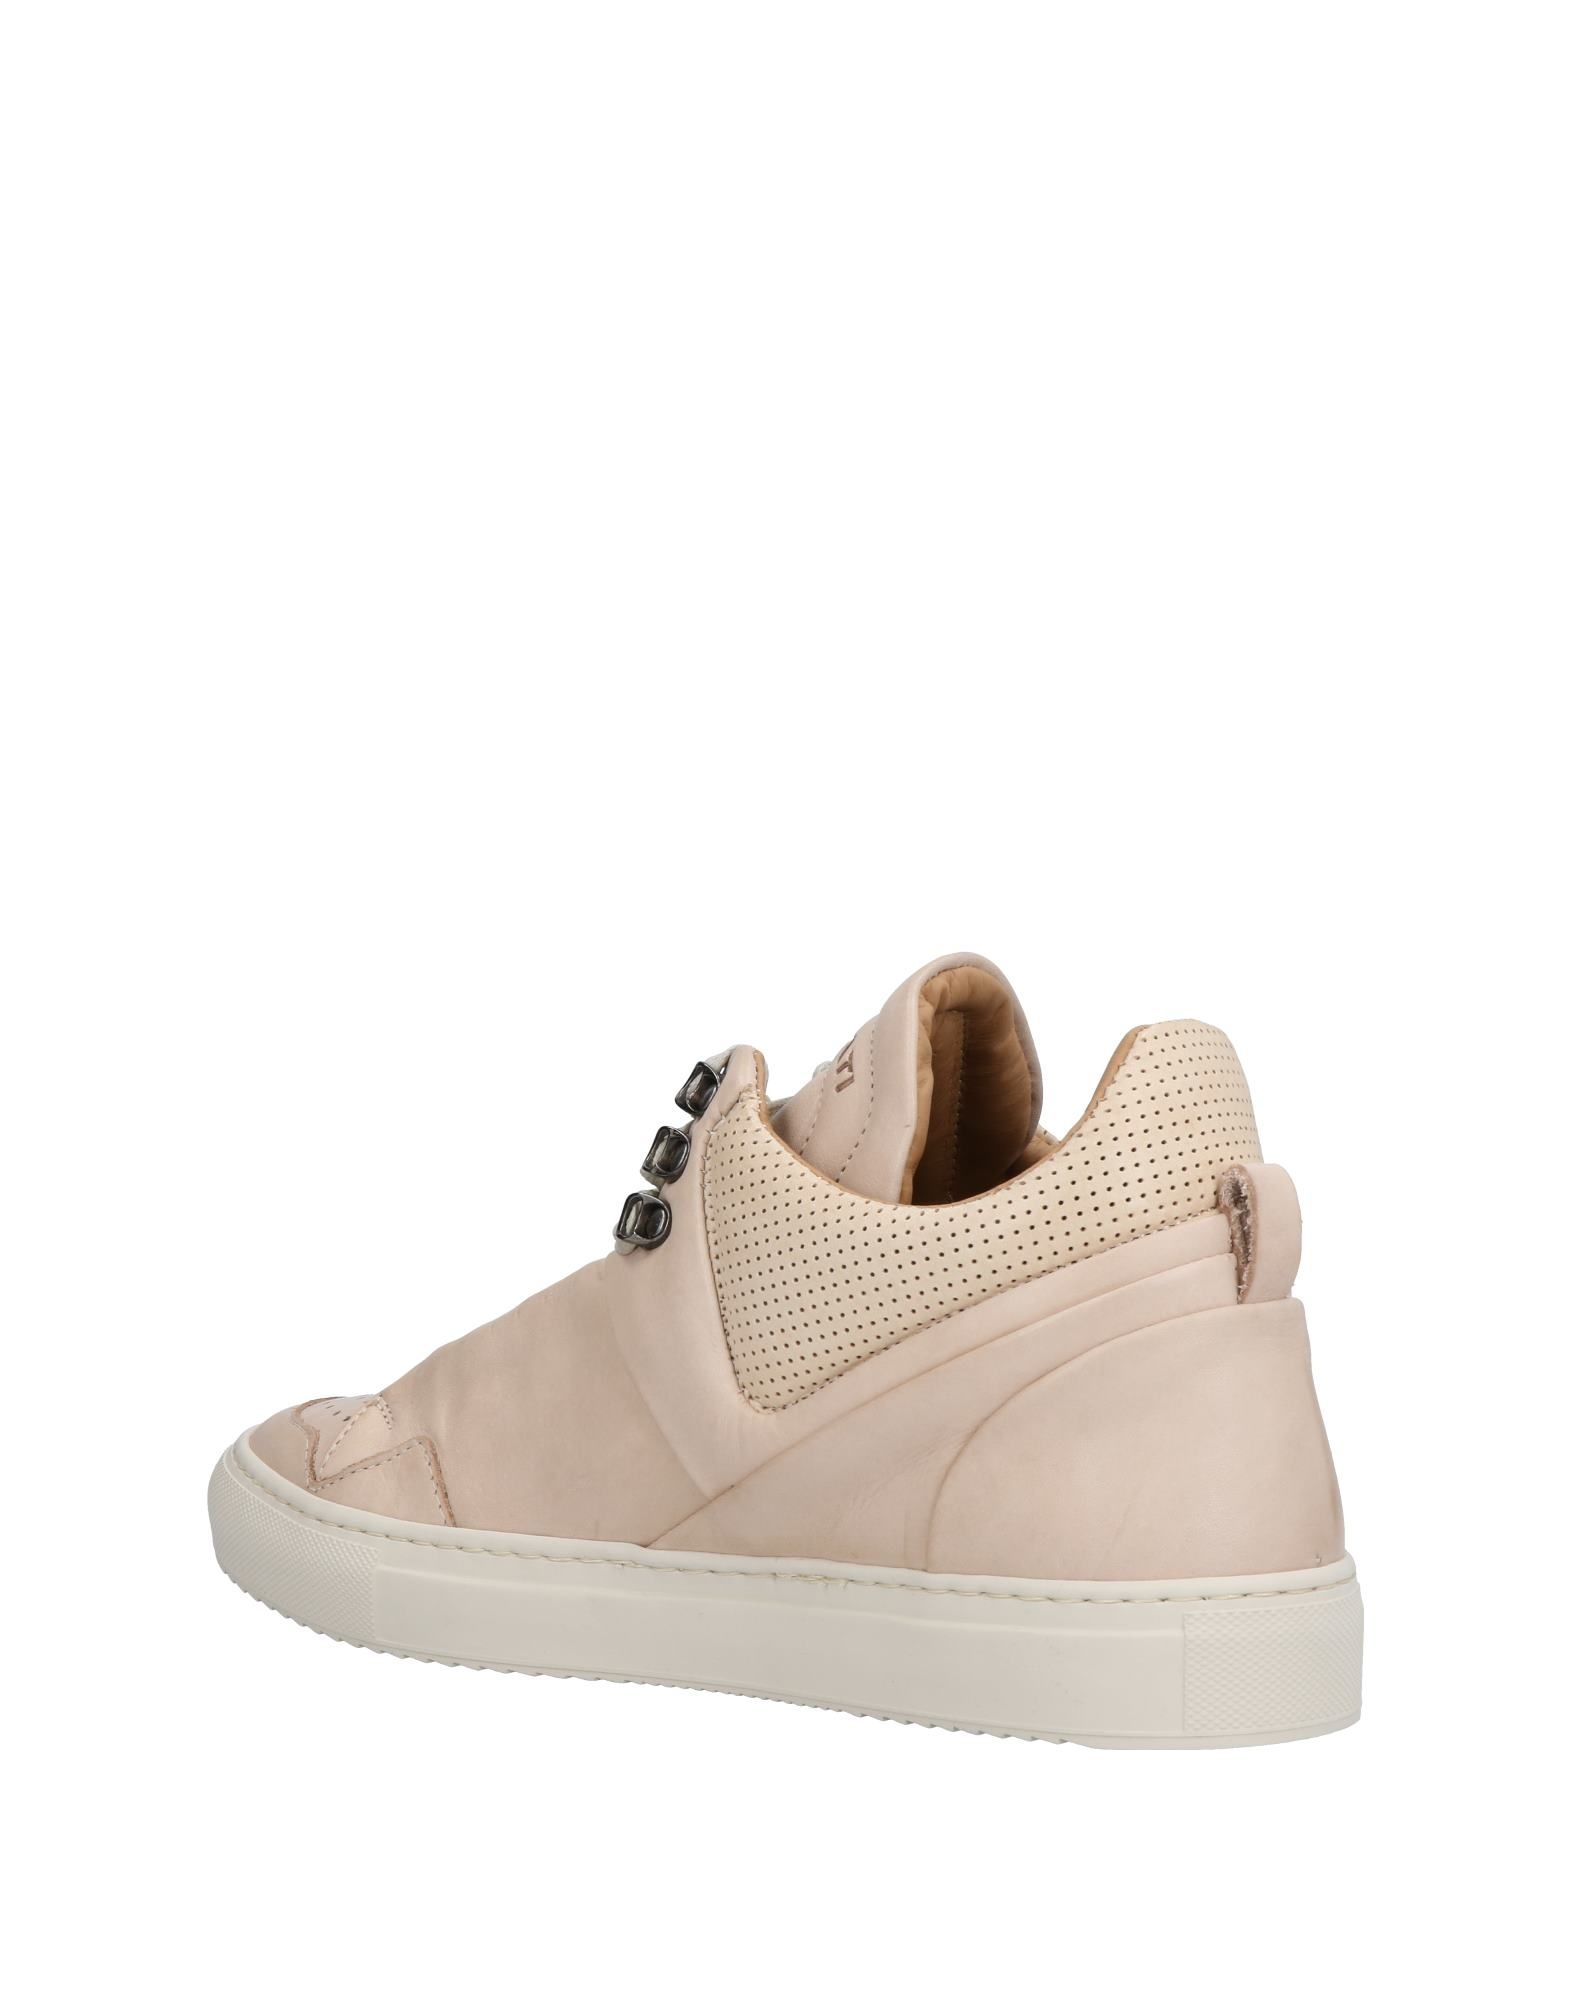 Ylati Sneakers 11489034AS Herren  11489034AS Sneakers Heiße Schuhe 502ac3